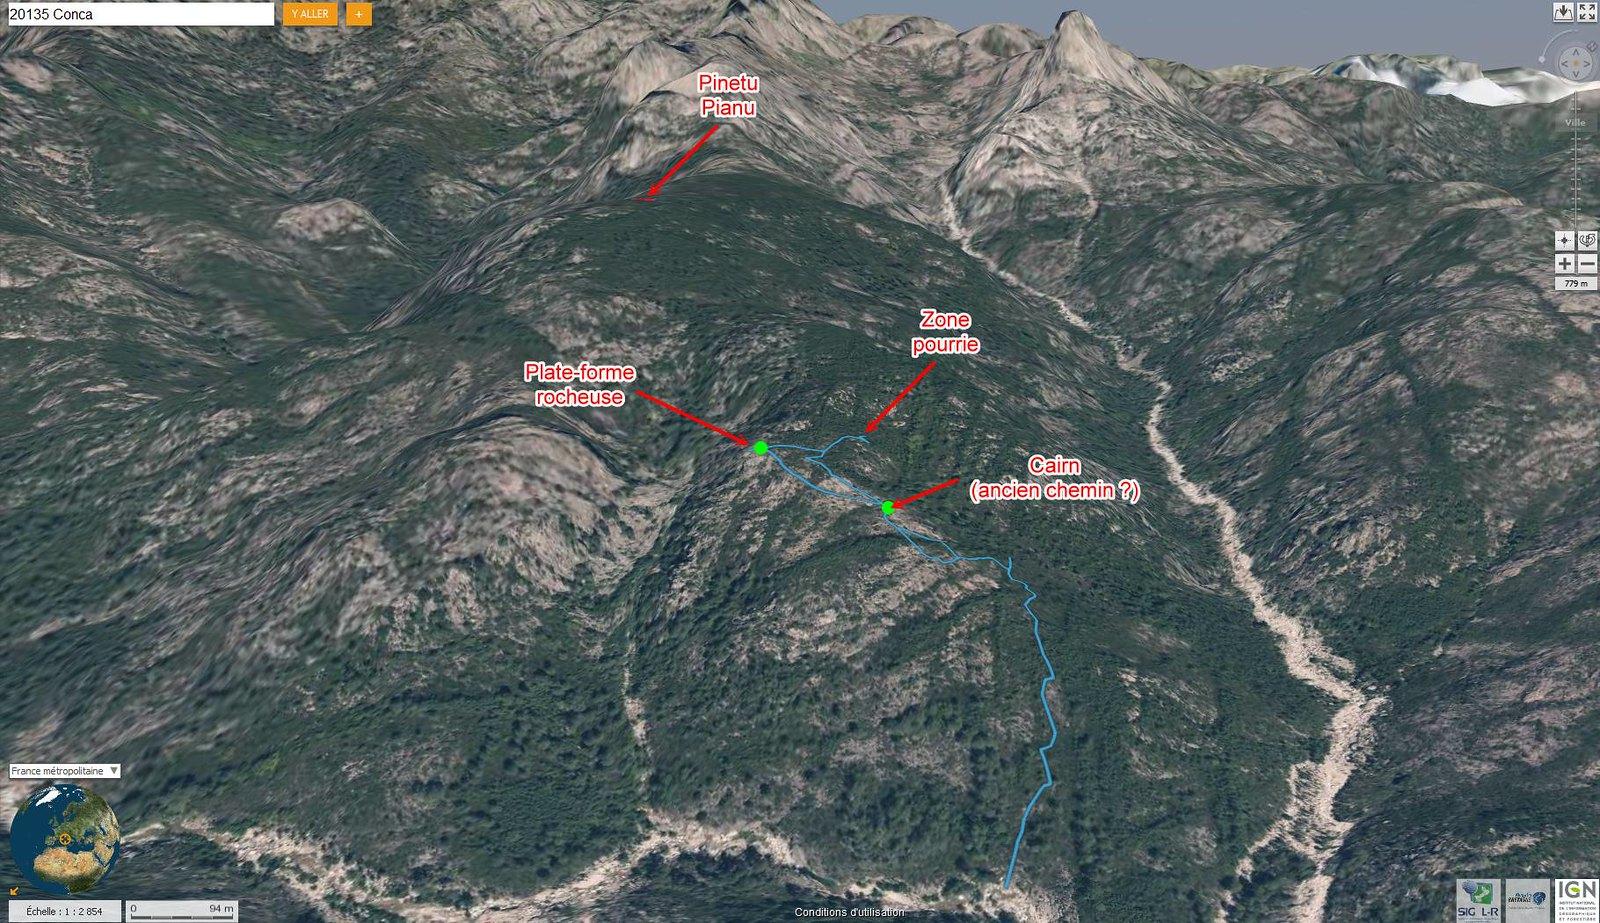 Photo aérienne 3D du versant de montée à Pinetu Pianu avec la trace de montée 07/2016